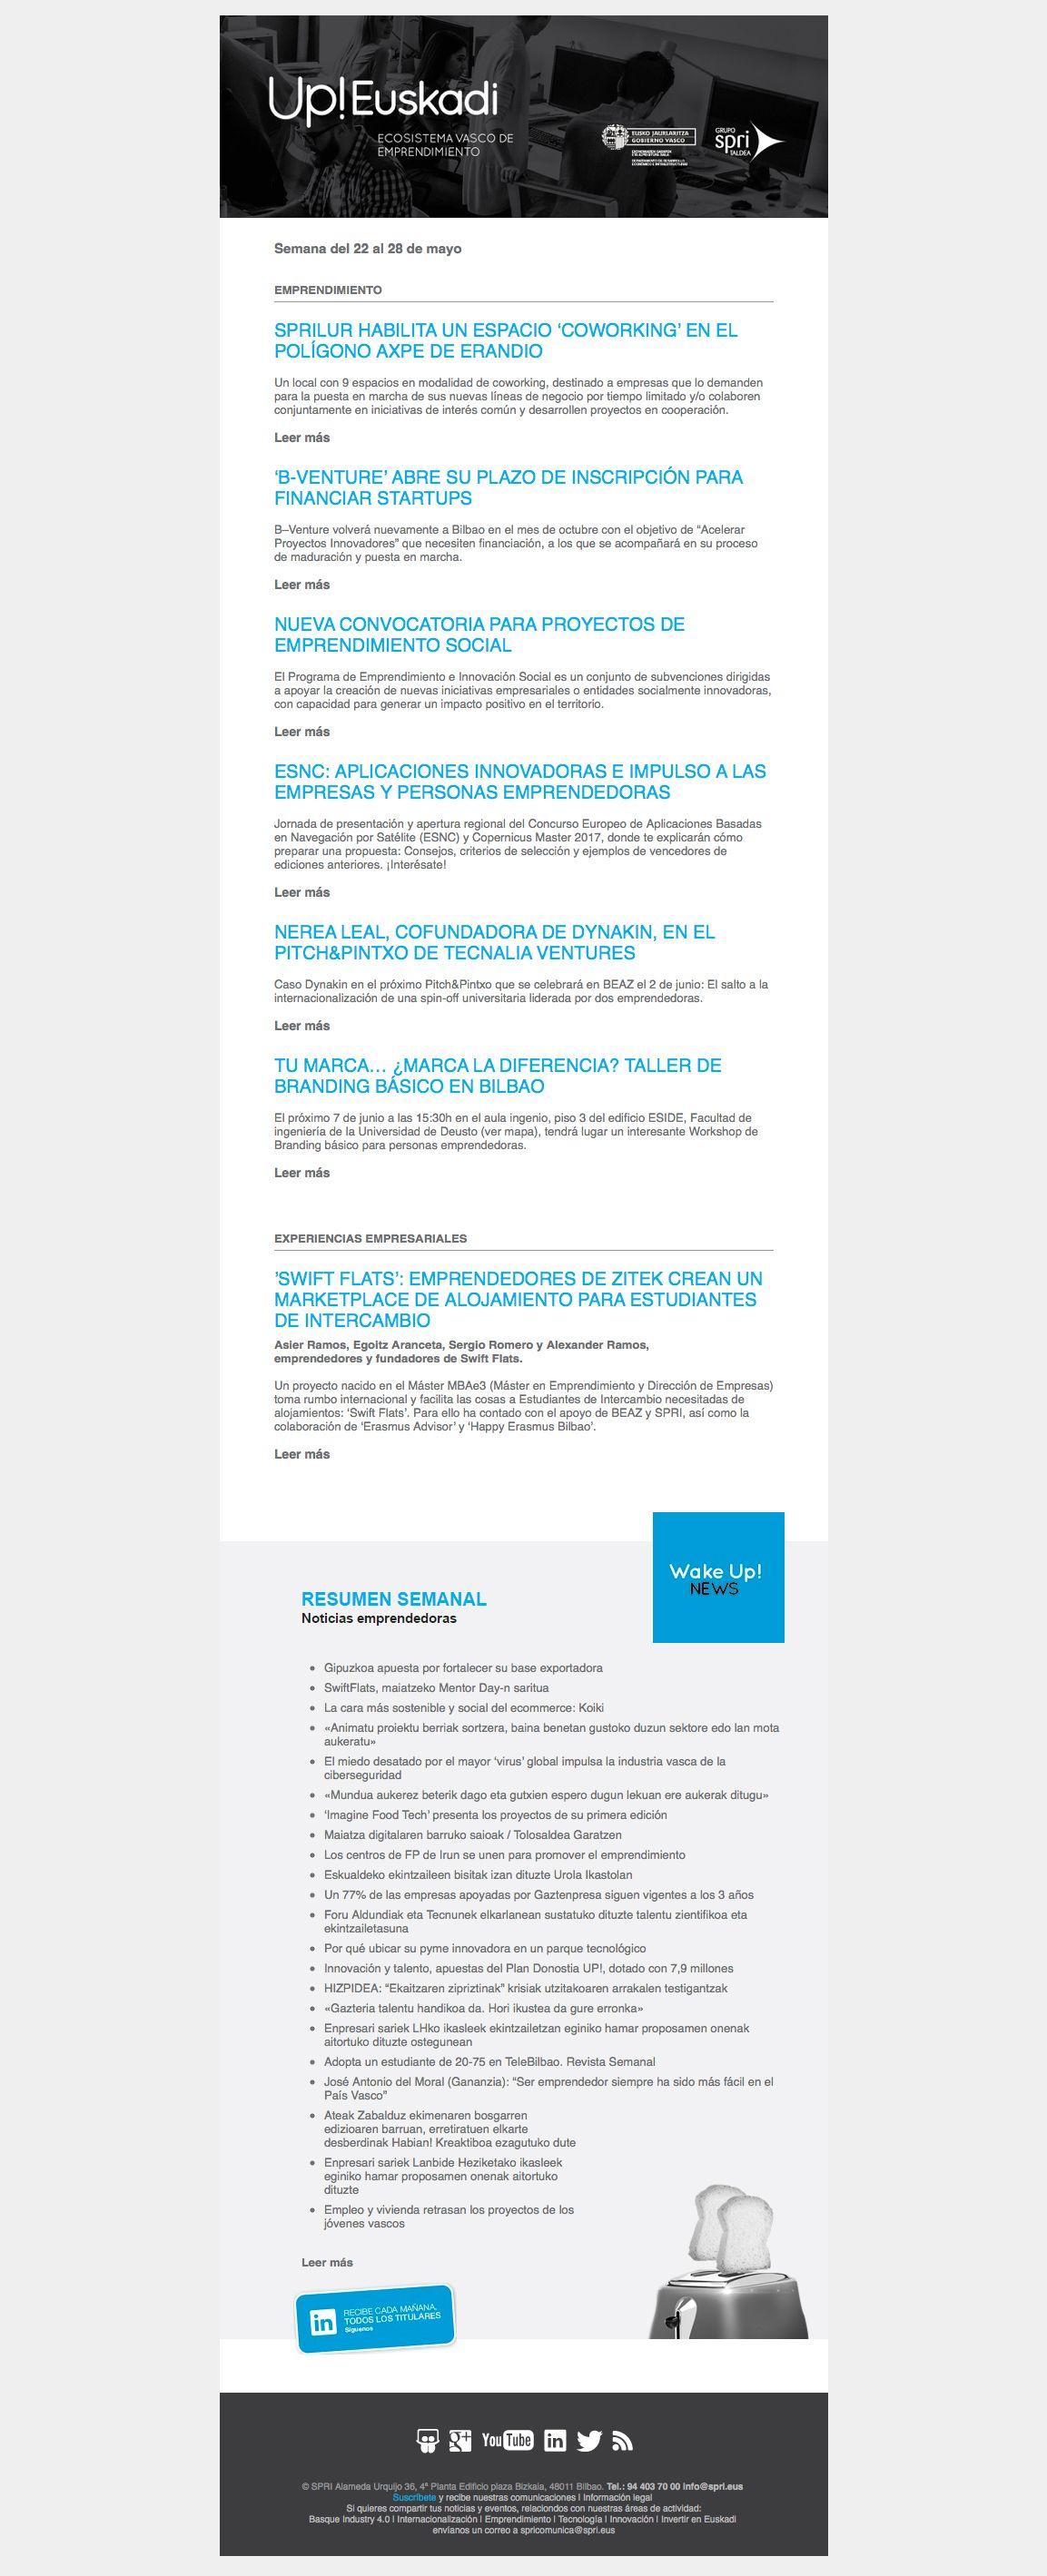 Noticias de Emprendimiento/ UP Euskadi (22 al 28 de mayo 2017) 31/05/2017